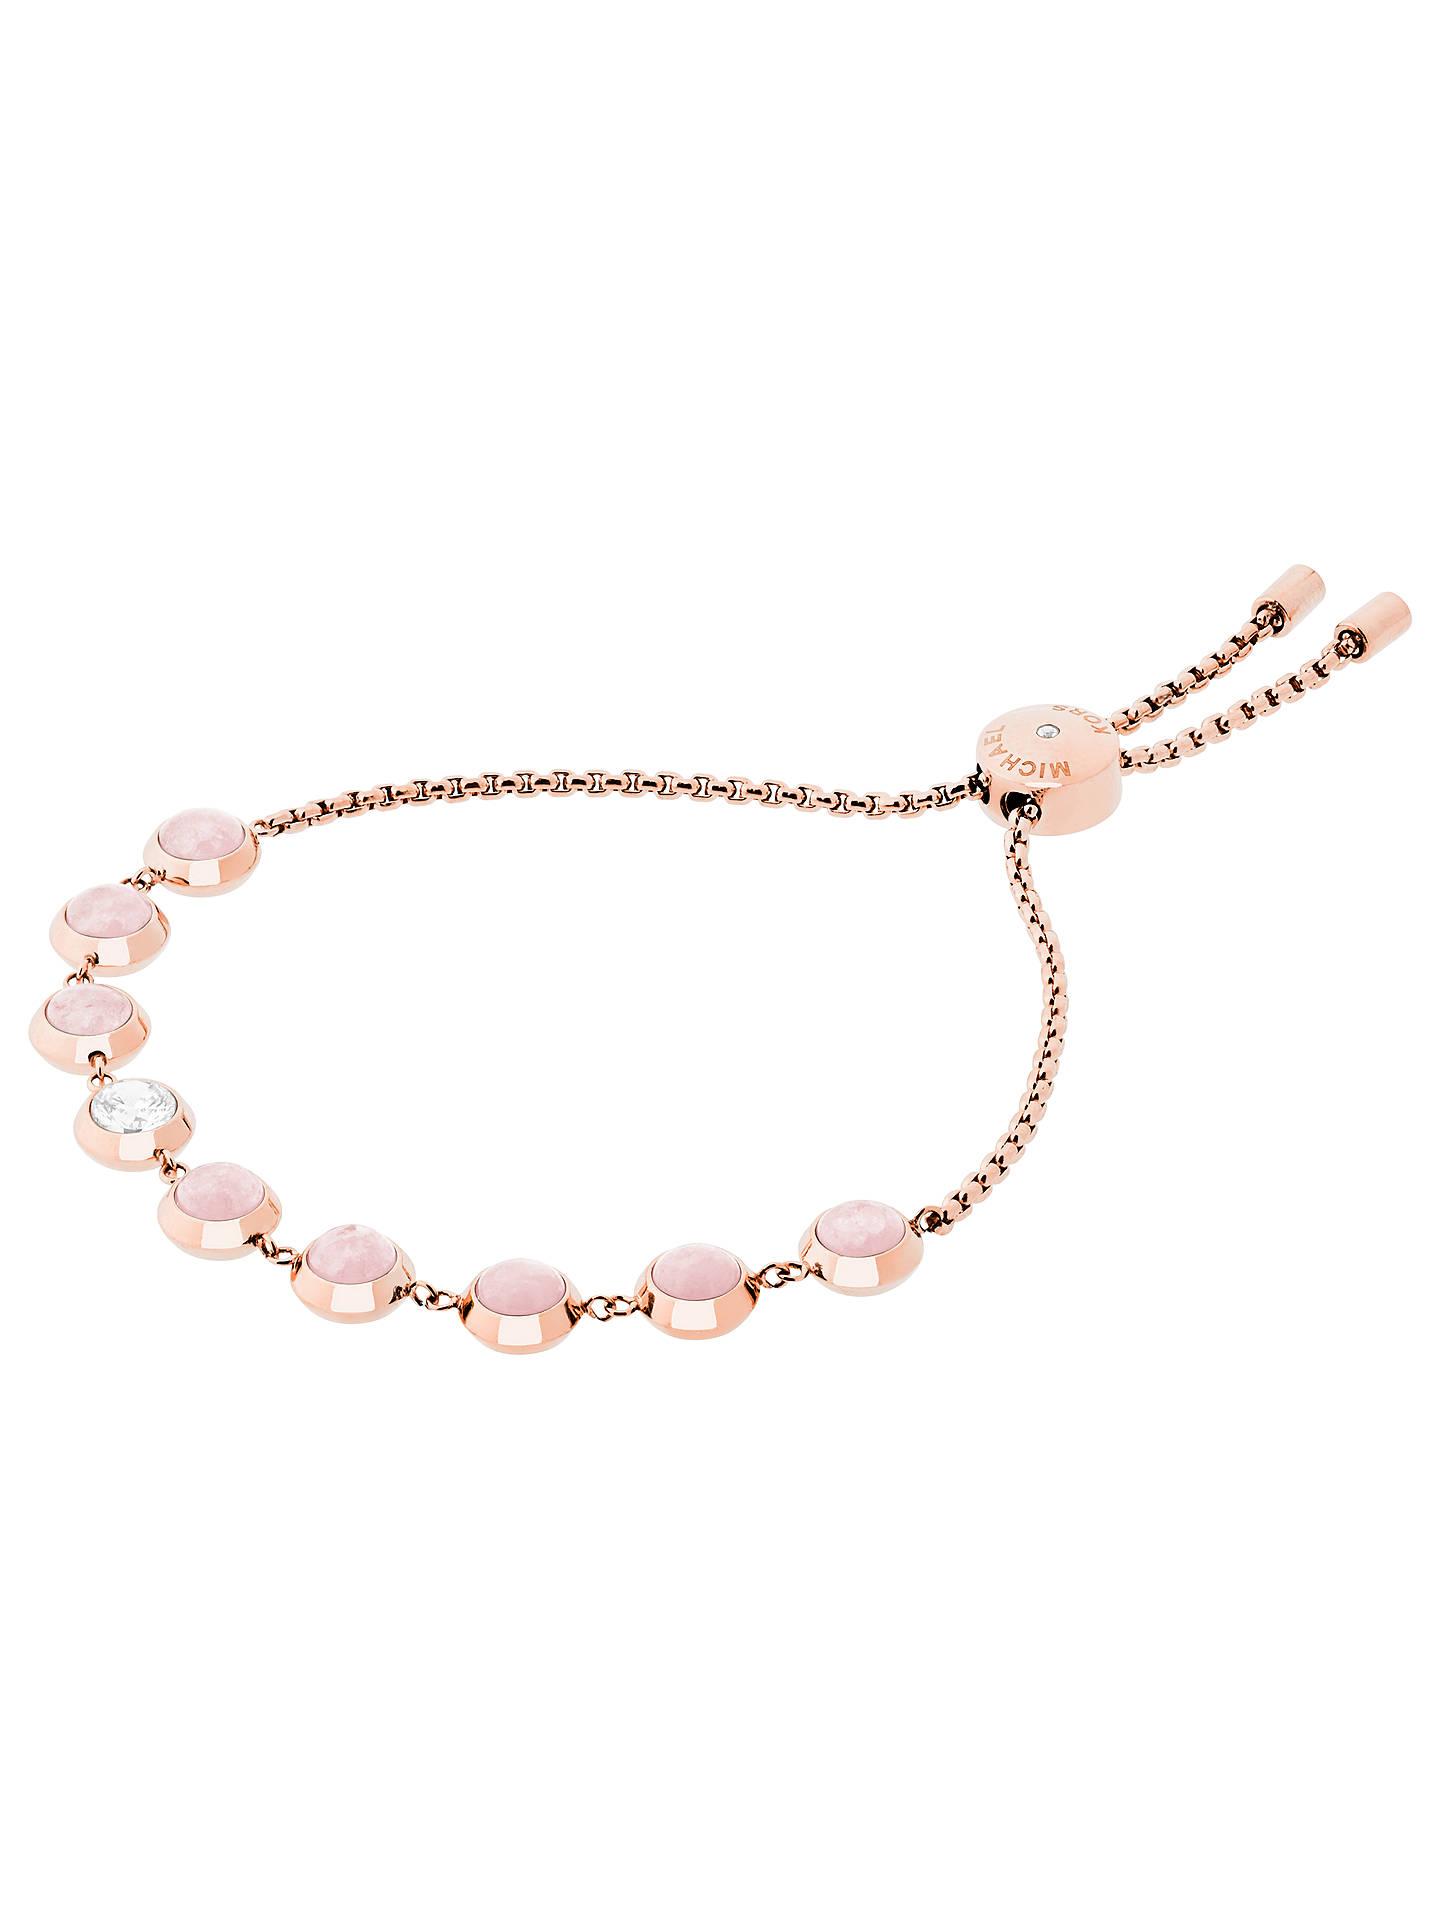 dcd66716d Buy Michael Kors Rose Quartz Slider Chain Bracelet, Rose Gold/Blush Online  at johnlewis ...